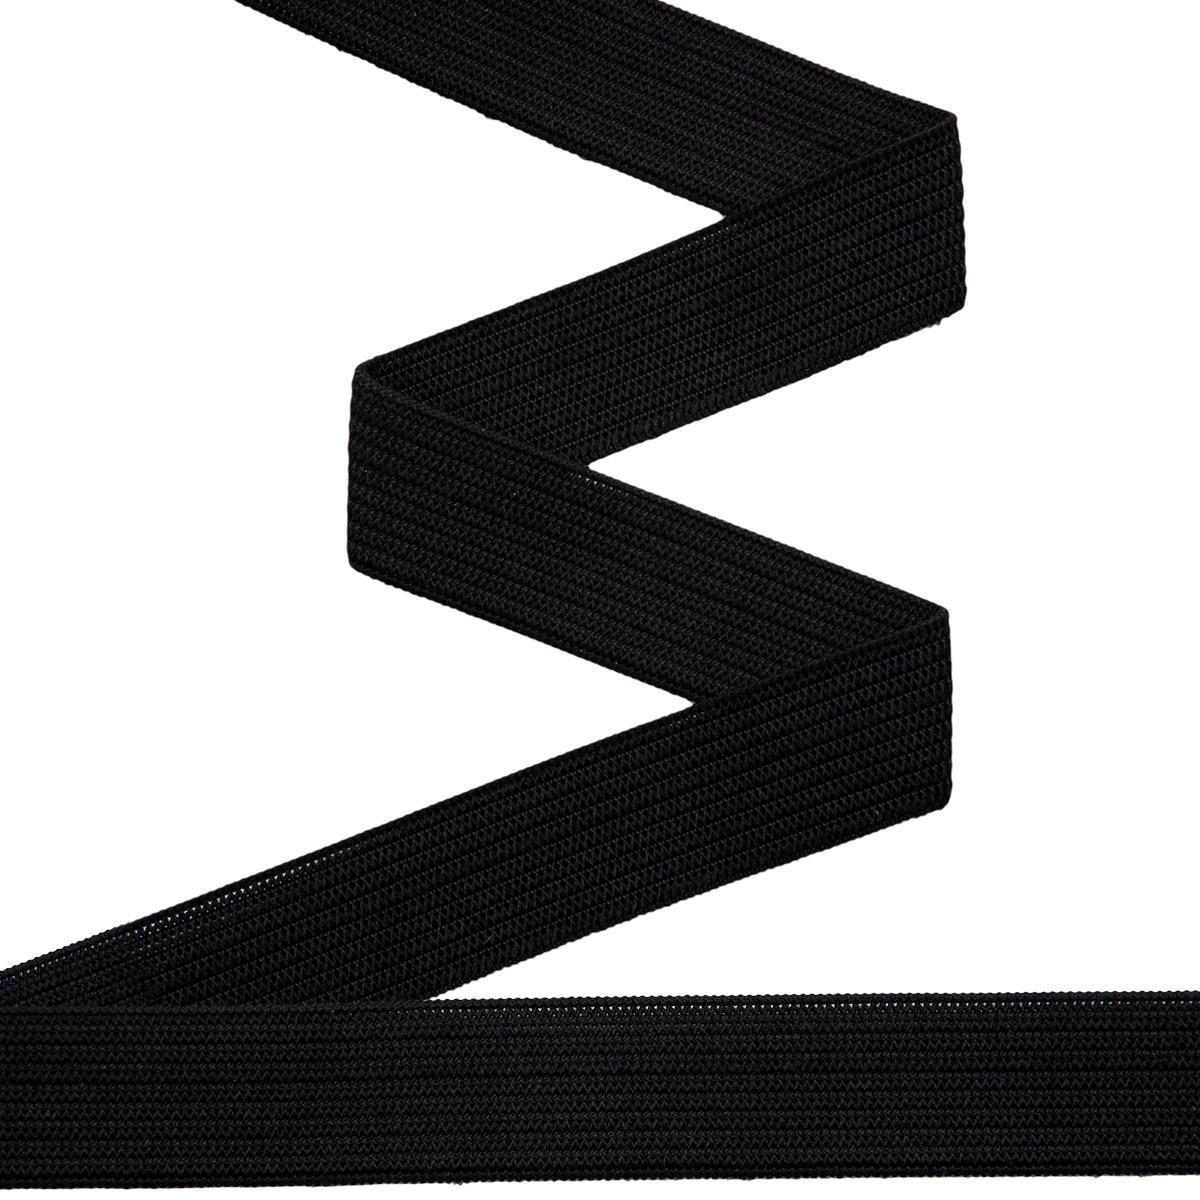 955350 Мягкая эластичная лента 15 мм черный цв. 10 м Prym